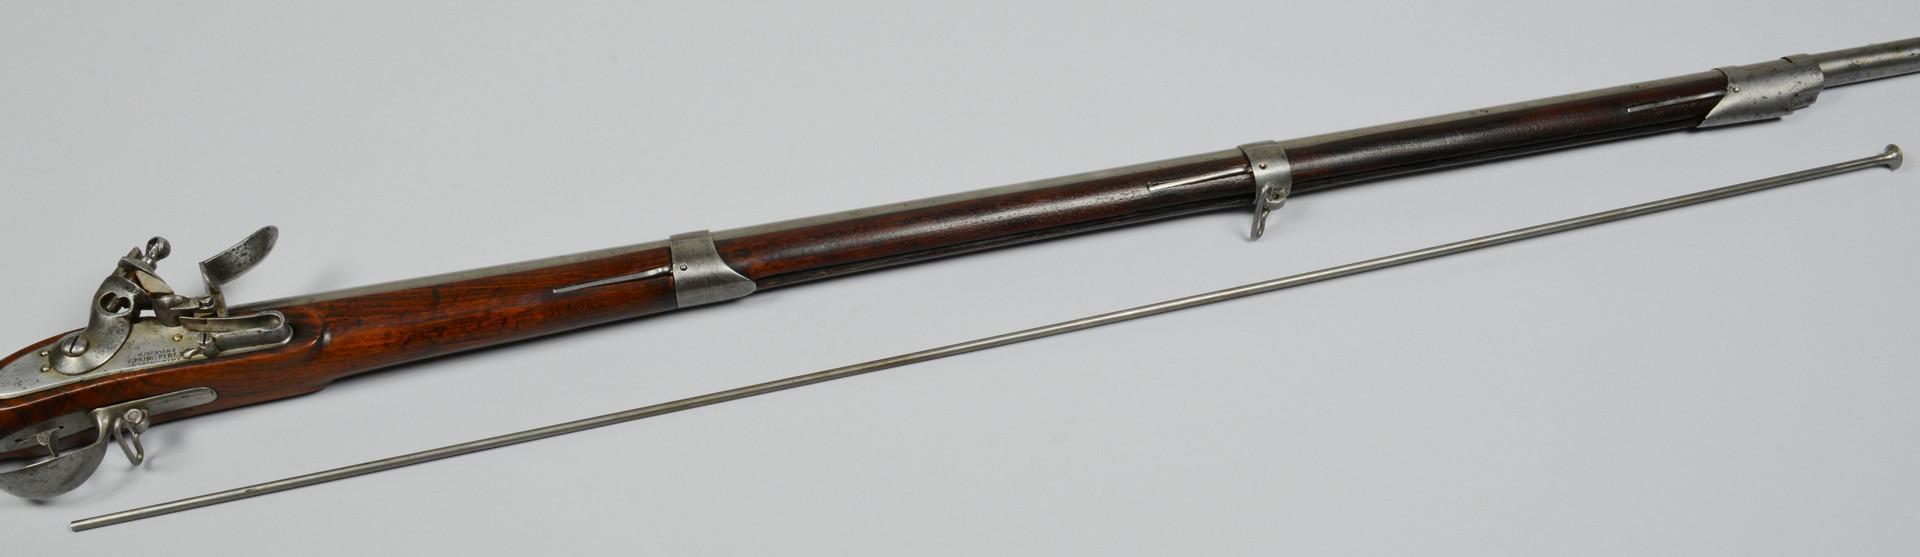 Lot 415: U. S. contract Model 1812 flintlock musket